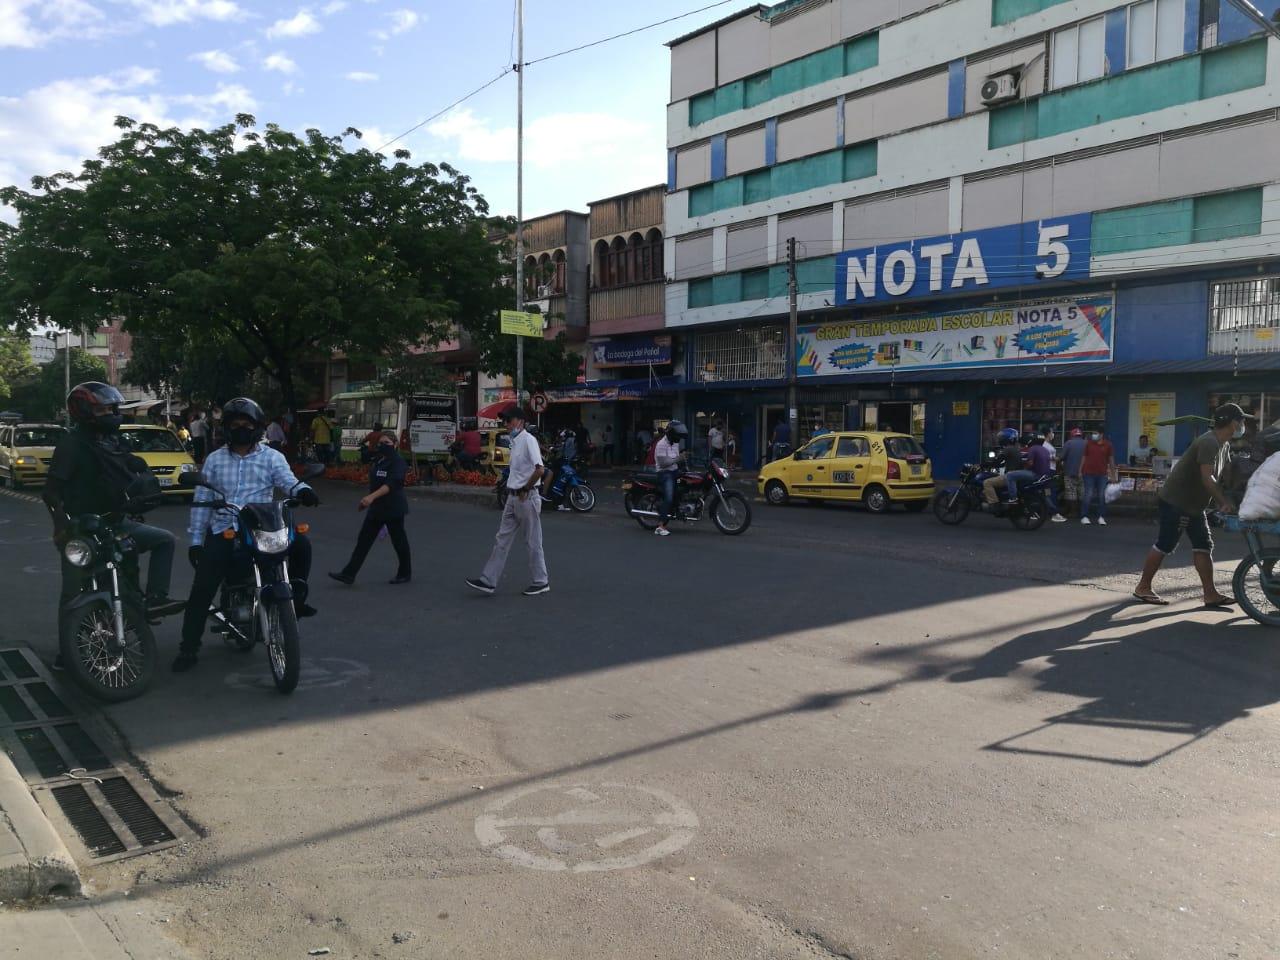 Pandemia afectó el servicio de transporte público en la ciudad de Neiva.